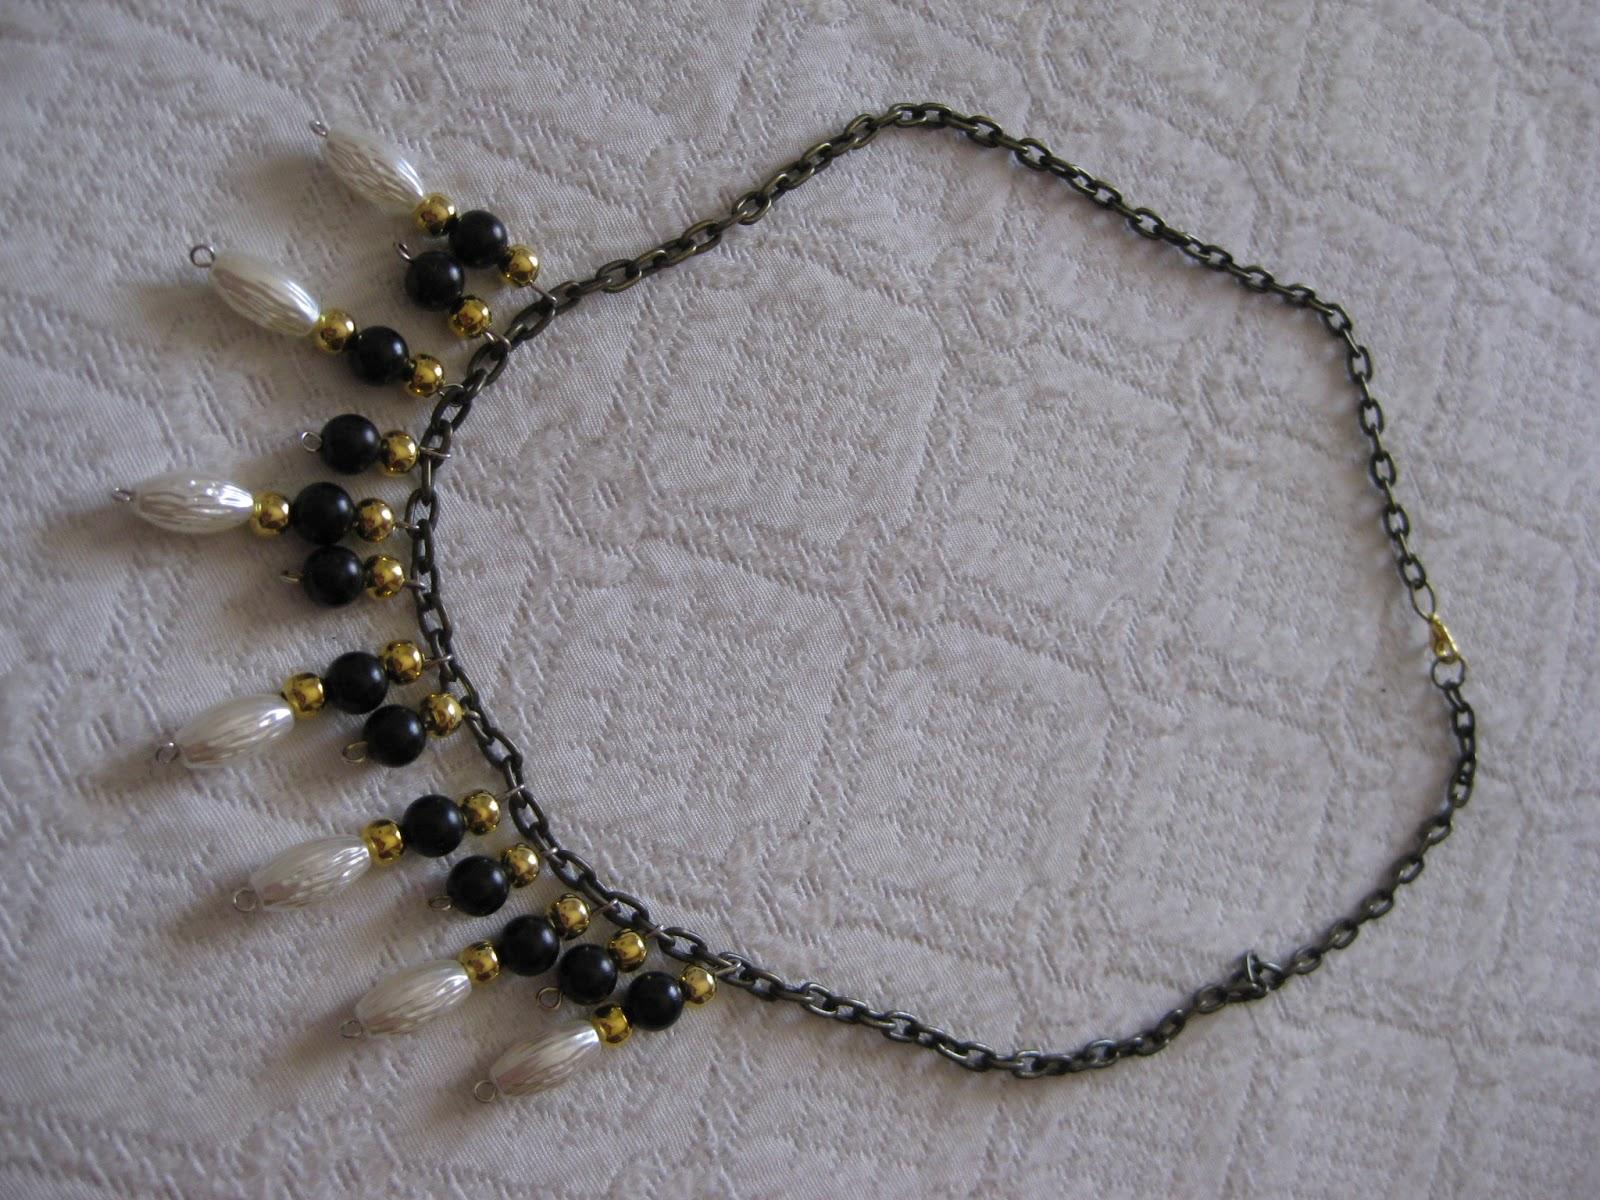 Collar de perlas blancas y cristal swaroski, precioso.